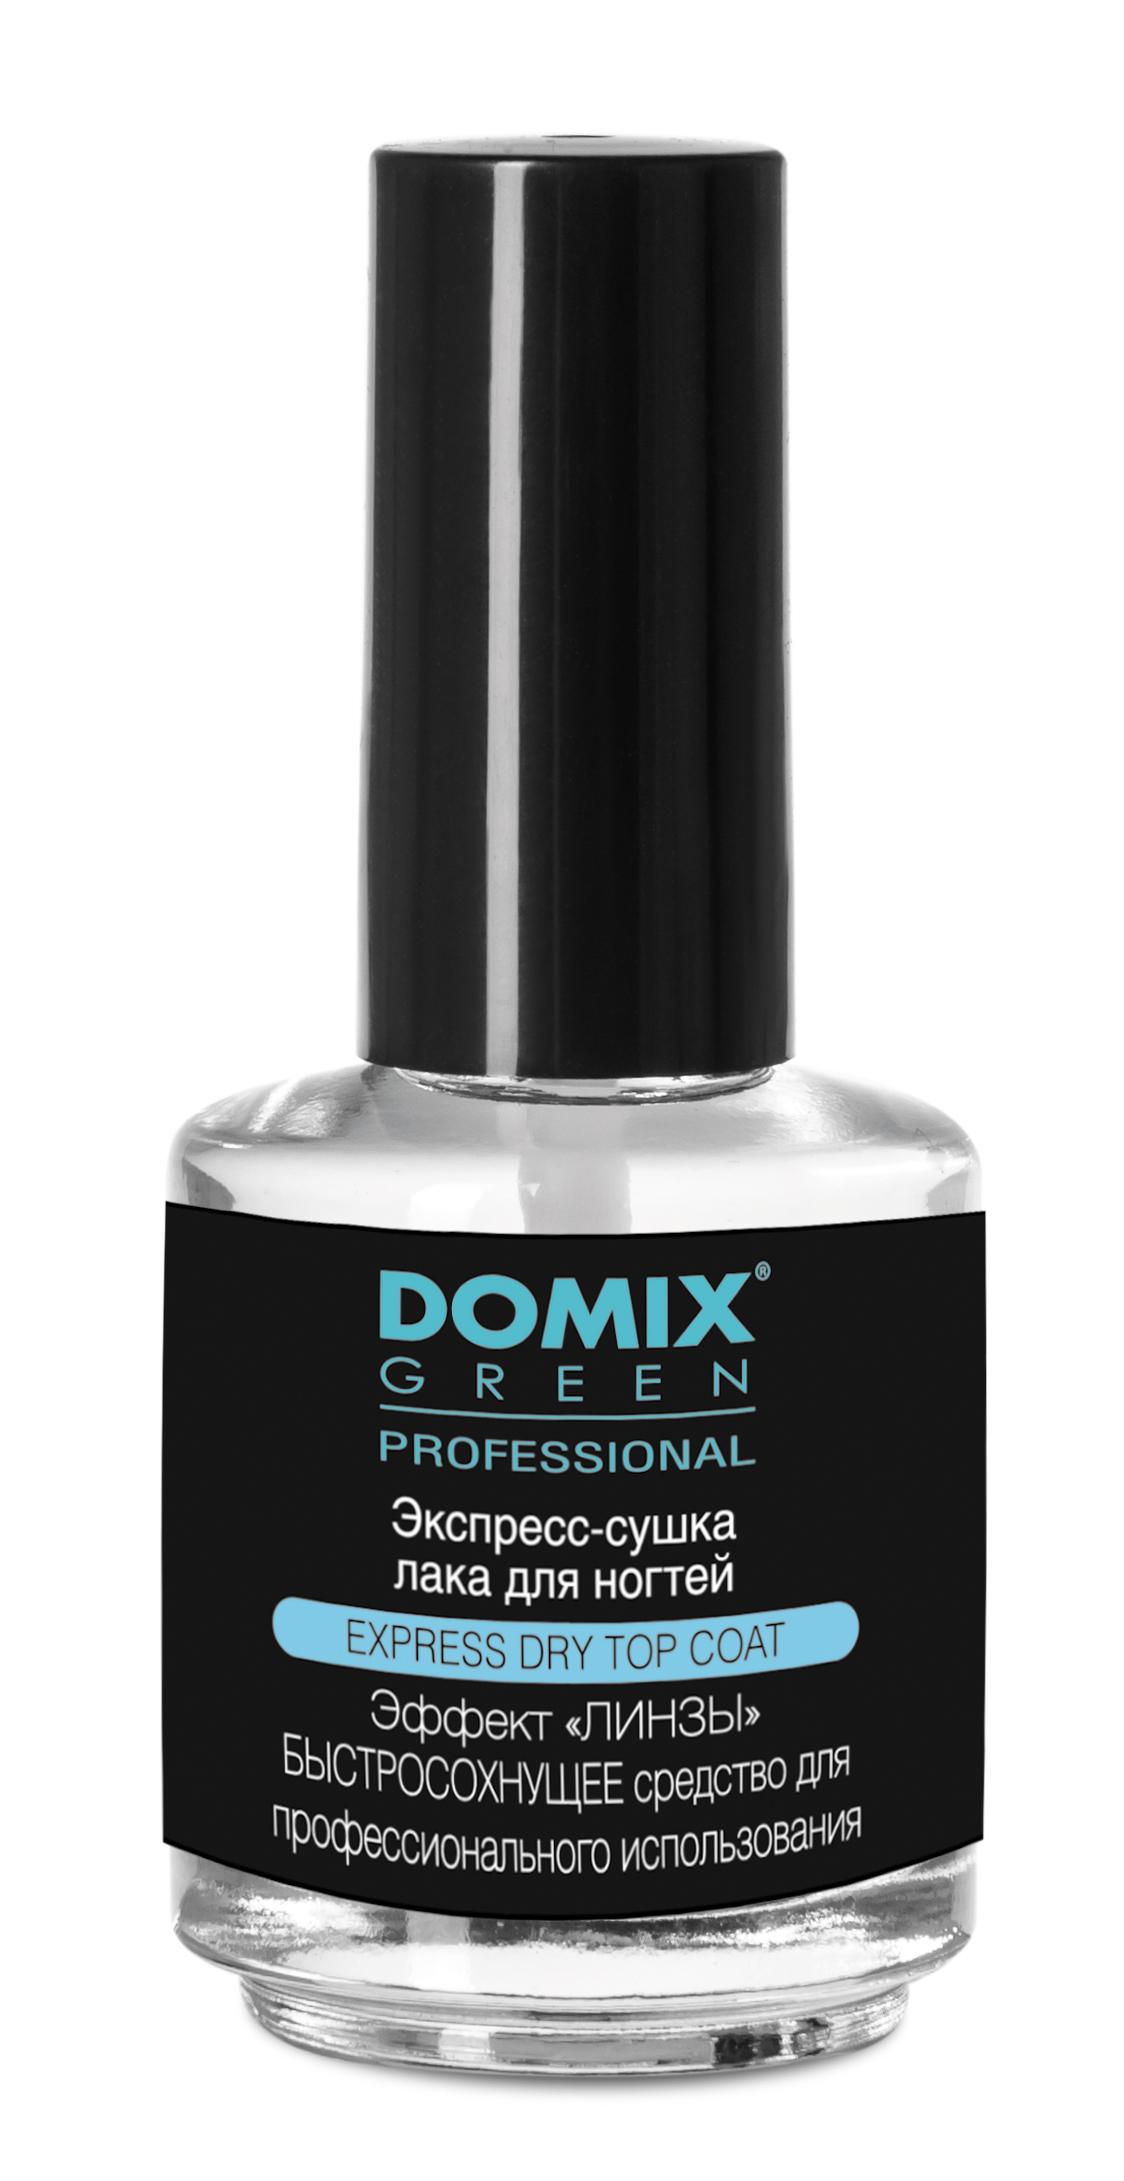 DOMIX Экспресс высыхание / DGP 75млСушки<br>Современное средство призванное ускорить процесс высыхания декоративного лака для ногтей. Кроме ускорения процесса высыхания, экспресс высыхание эффективно предотвращает смазывание рисунка на ногтевой пластине и надежно защищает ее поверхность от возникновения царапин и сколов. Наносится на верхний слой лака.<br>